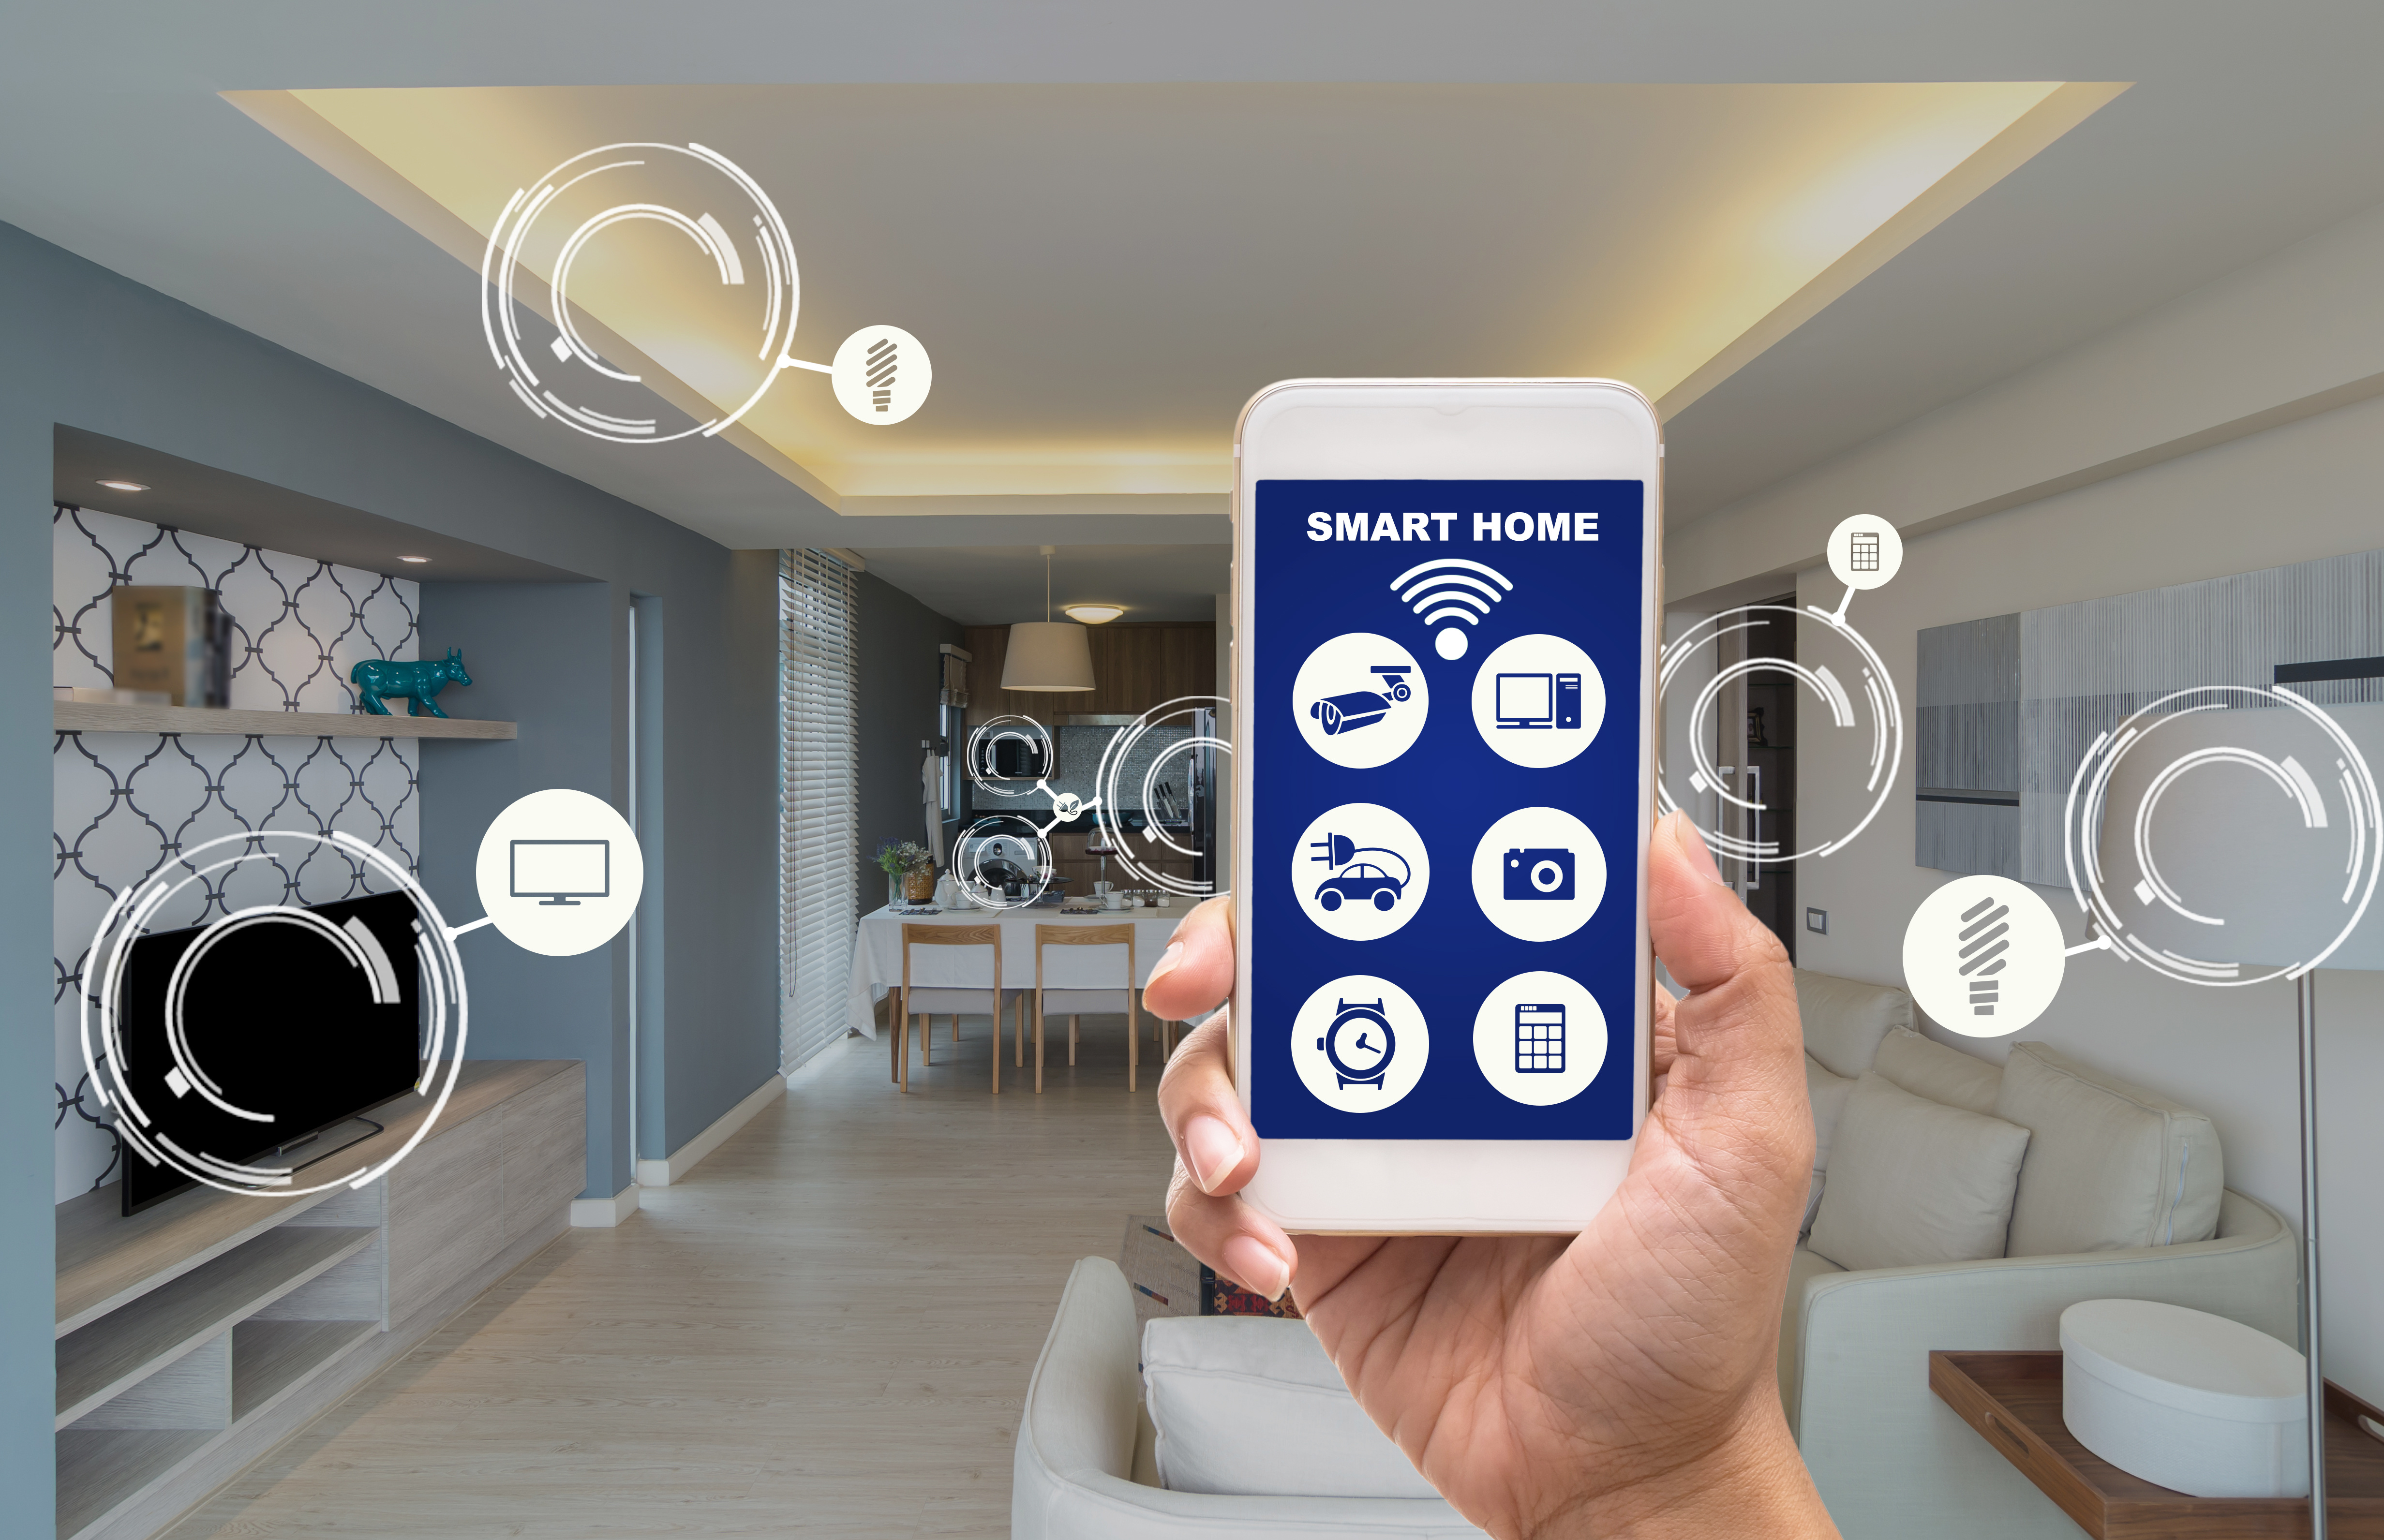 【生活が一変】家で使えるIoTサービス8選|費用・導入リスクも徹底解説